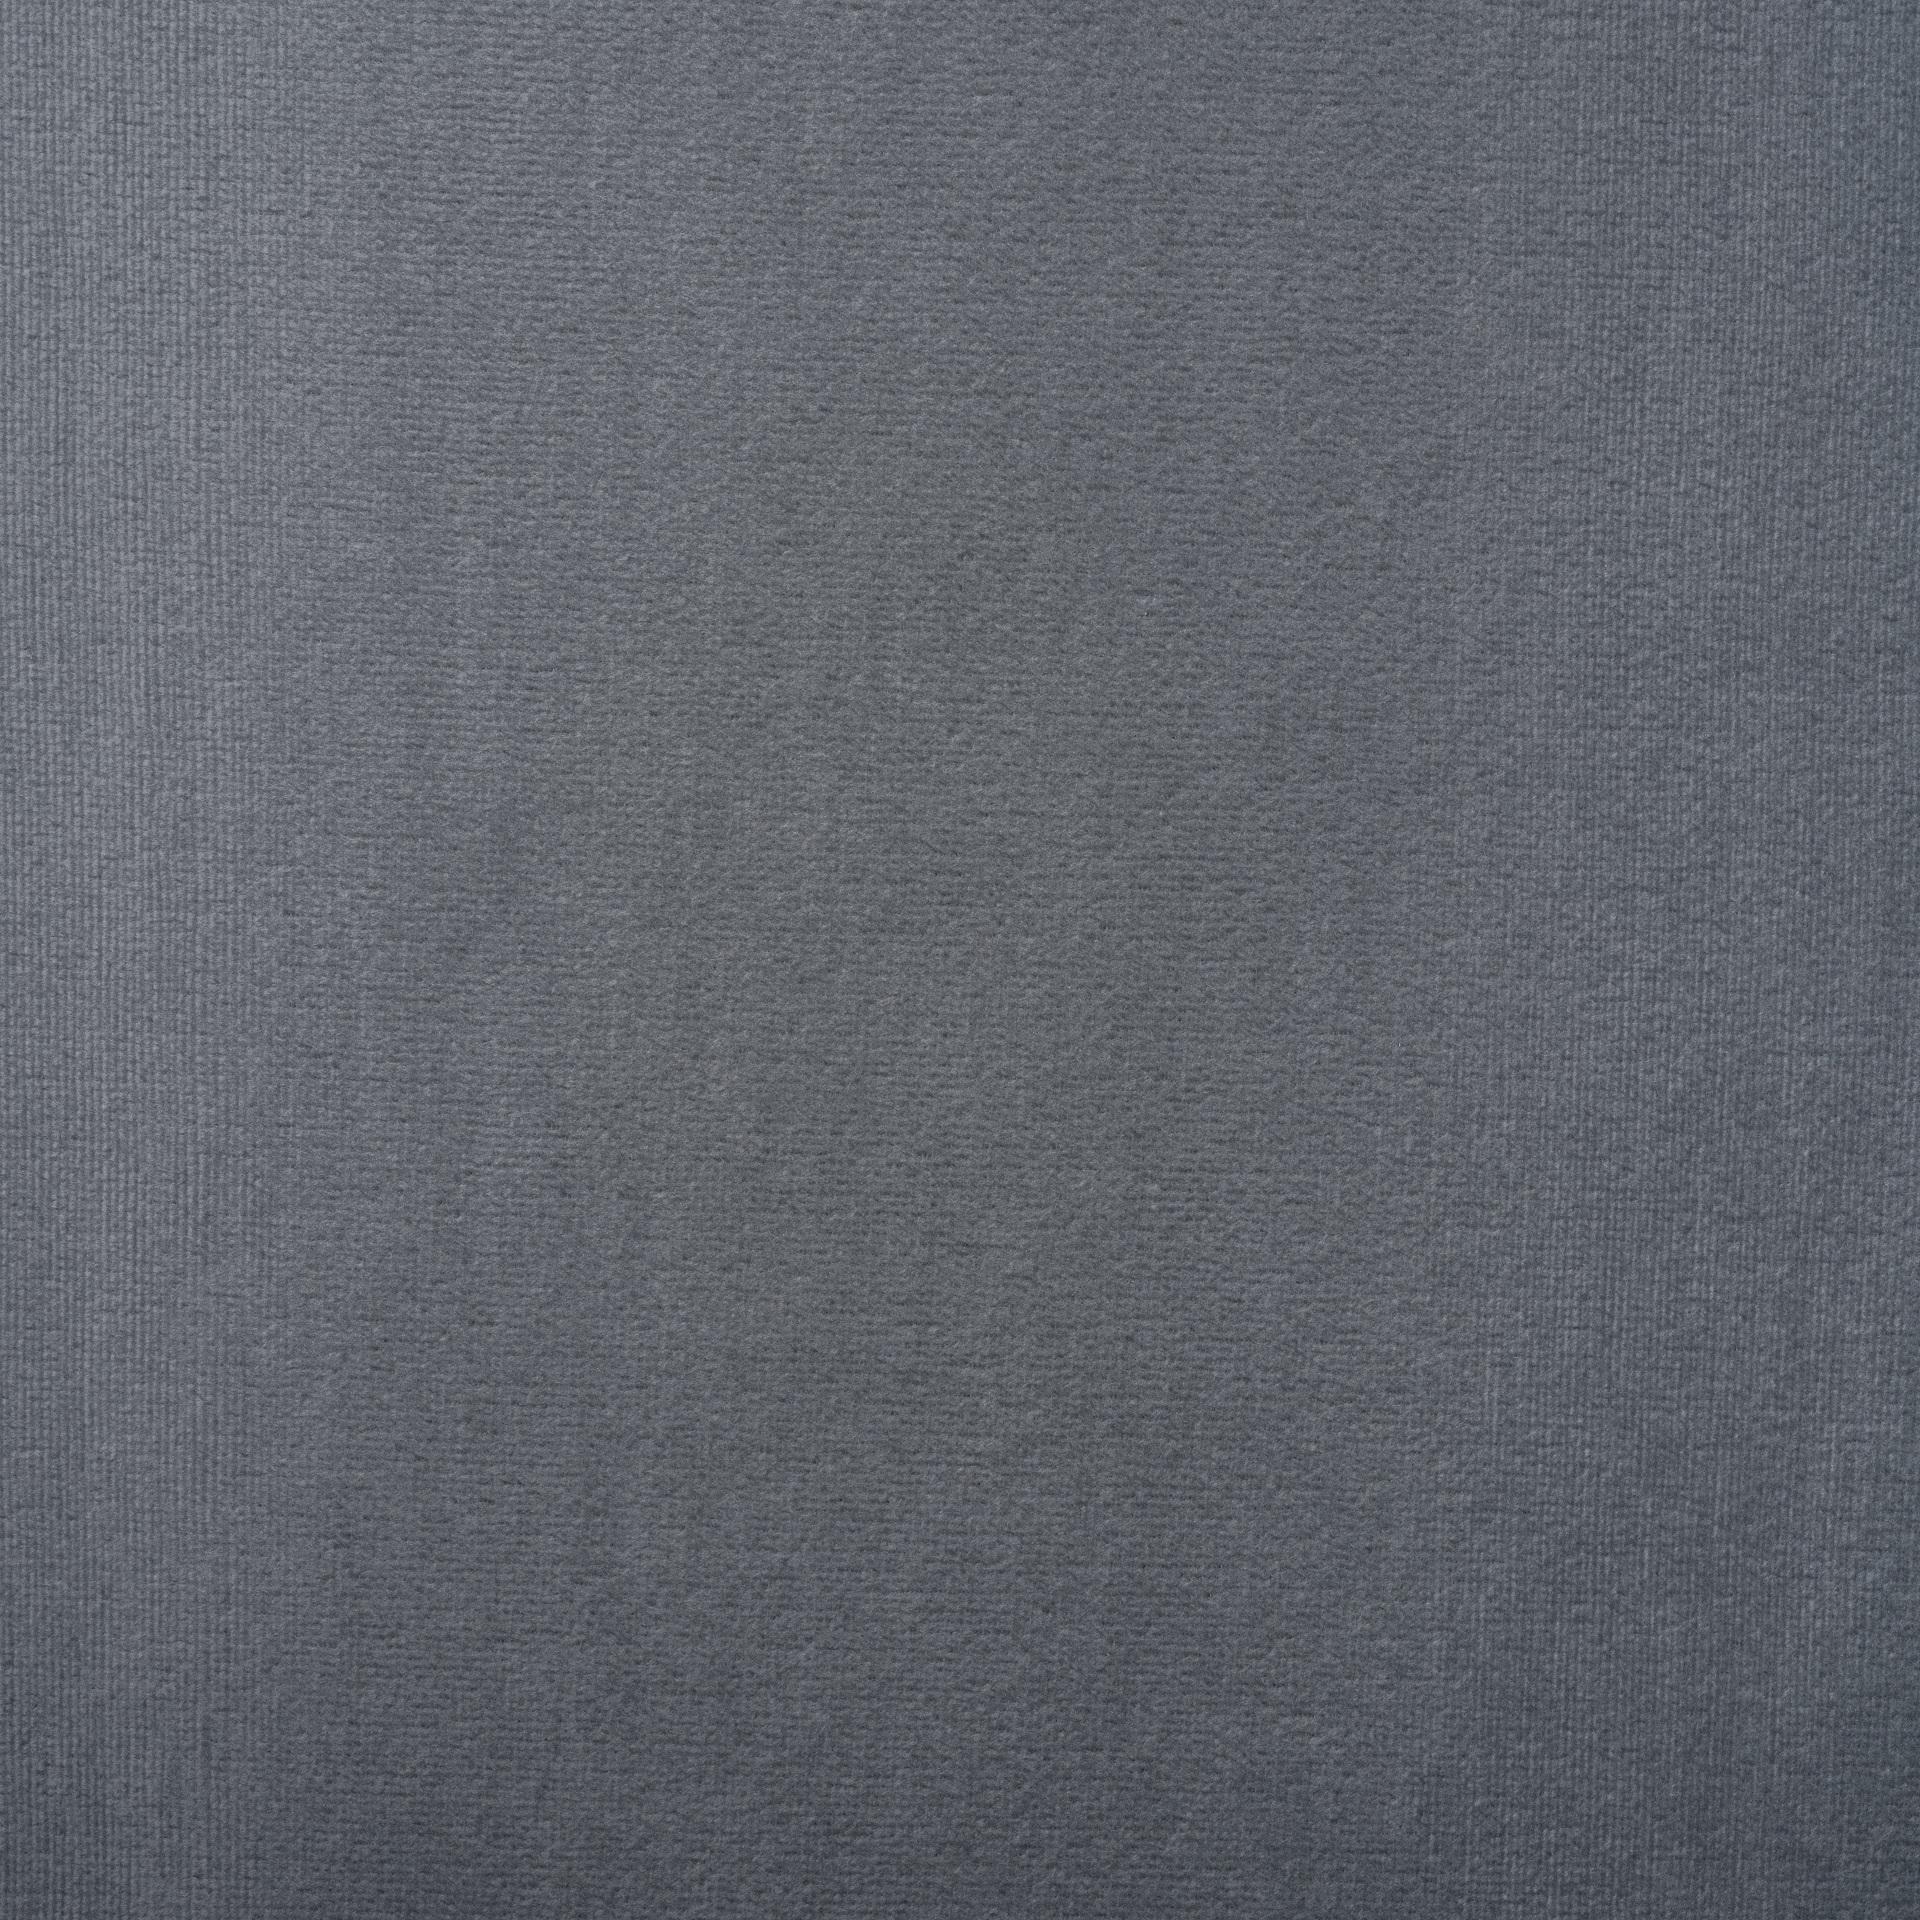 Коллекция ткани Багира 35 CASTOR GREY,  купить ткань Велюр для мебели Украина